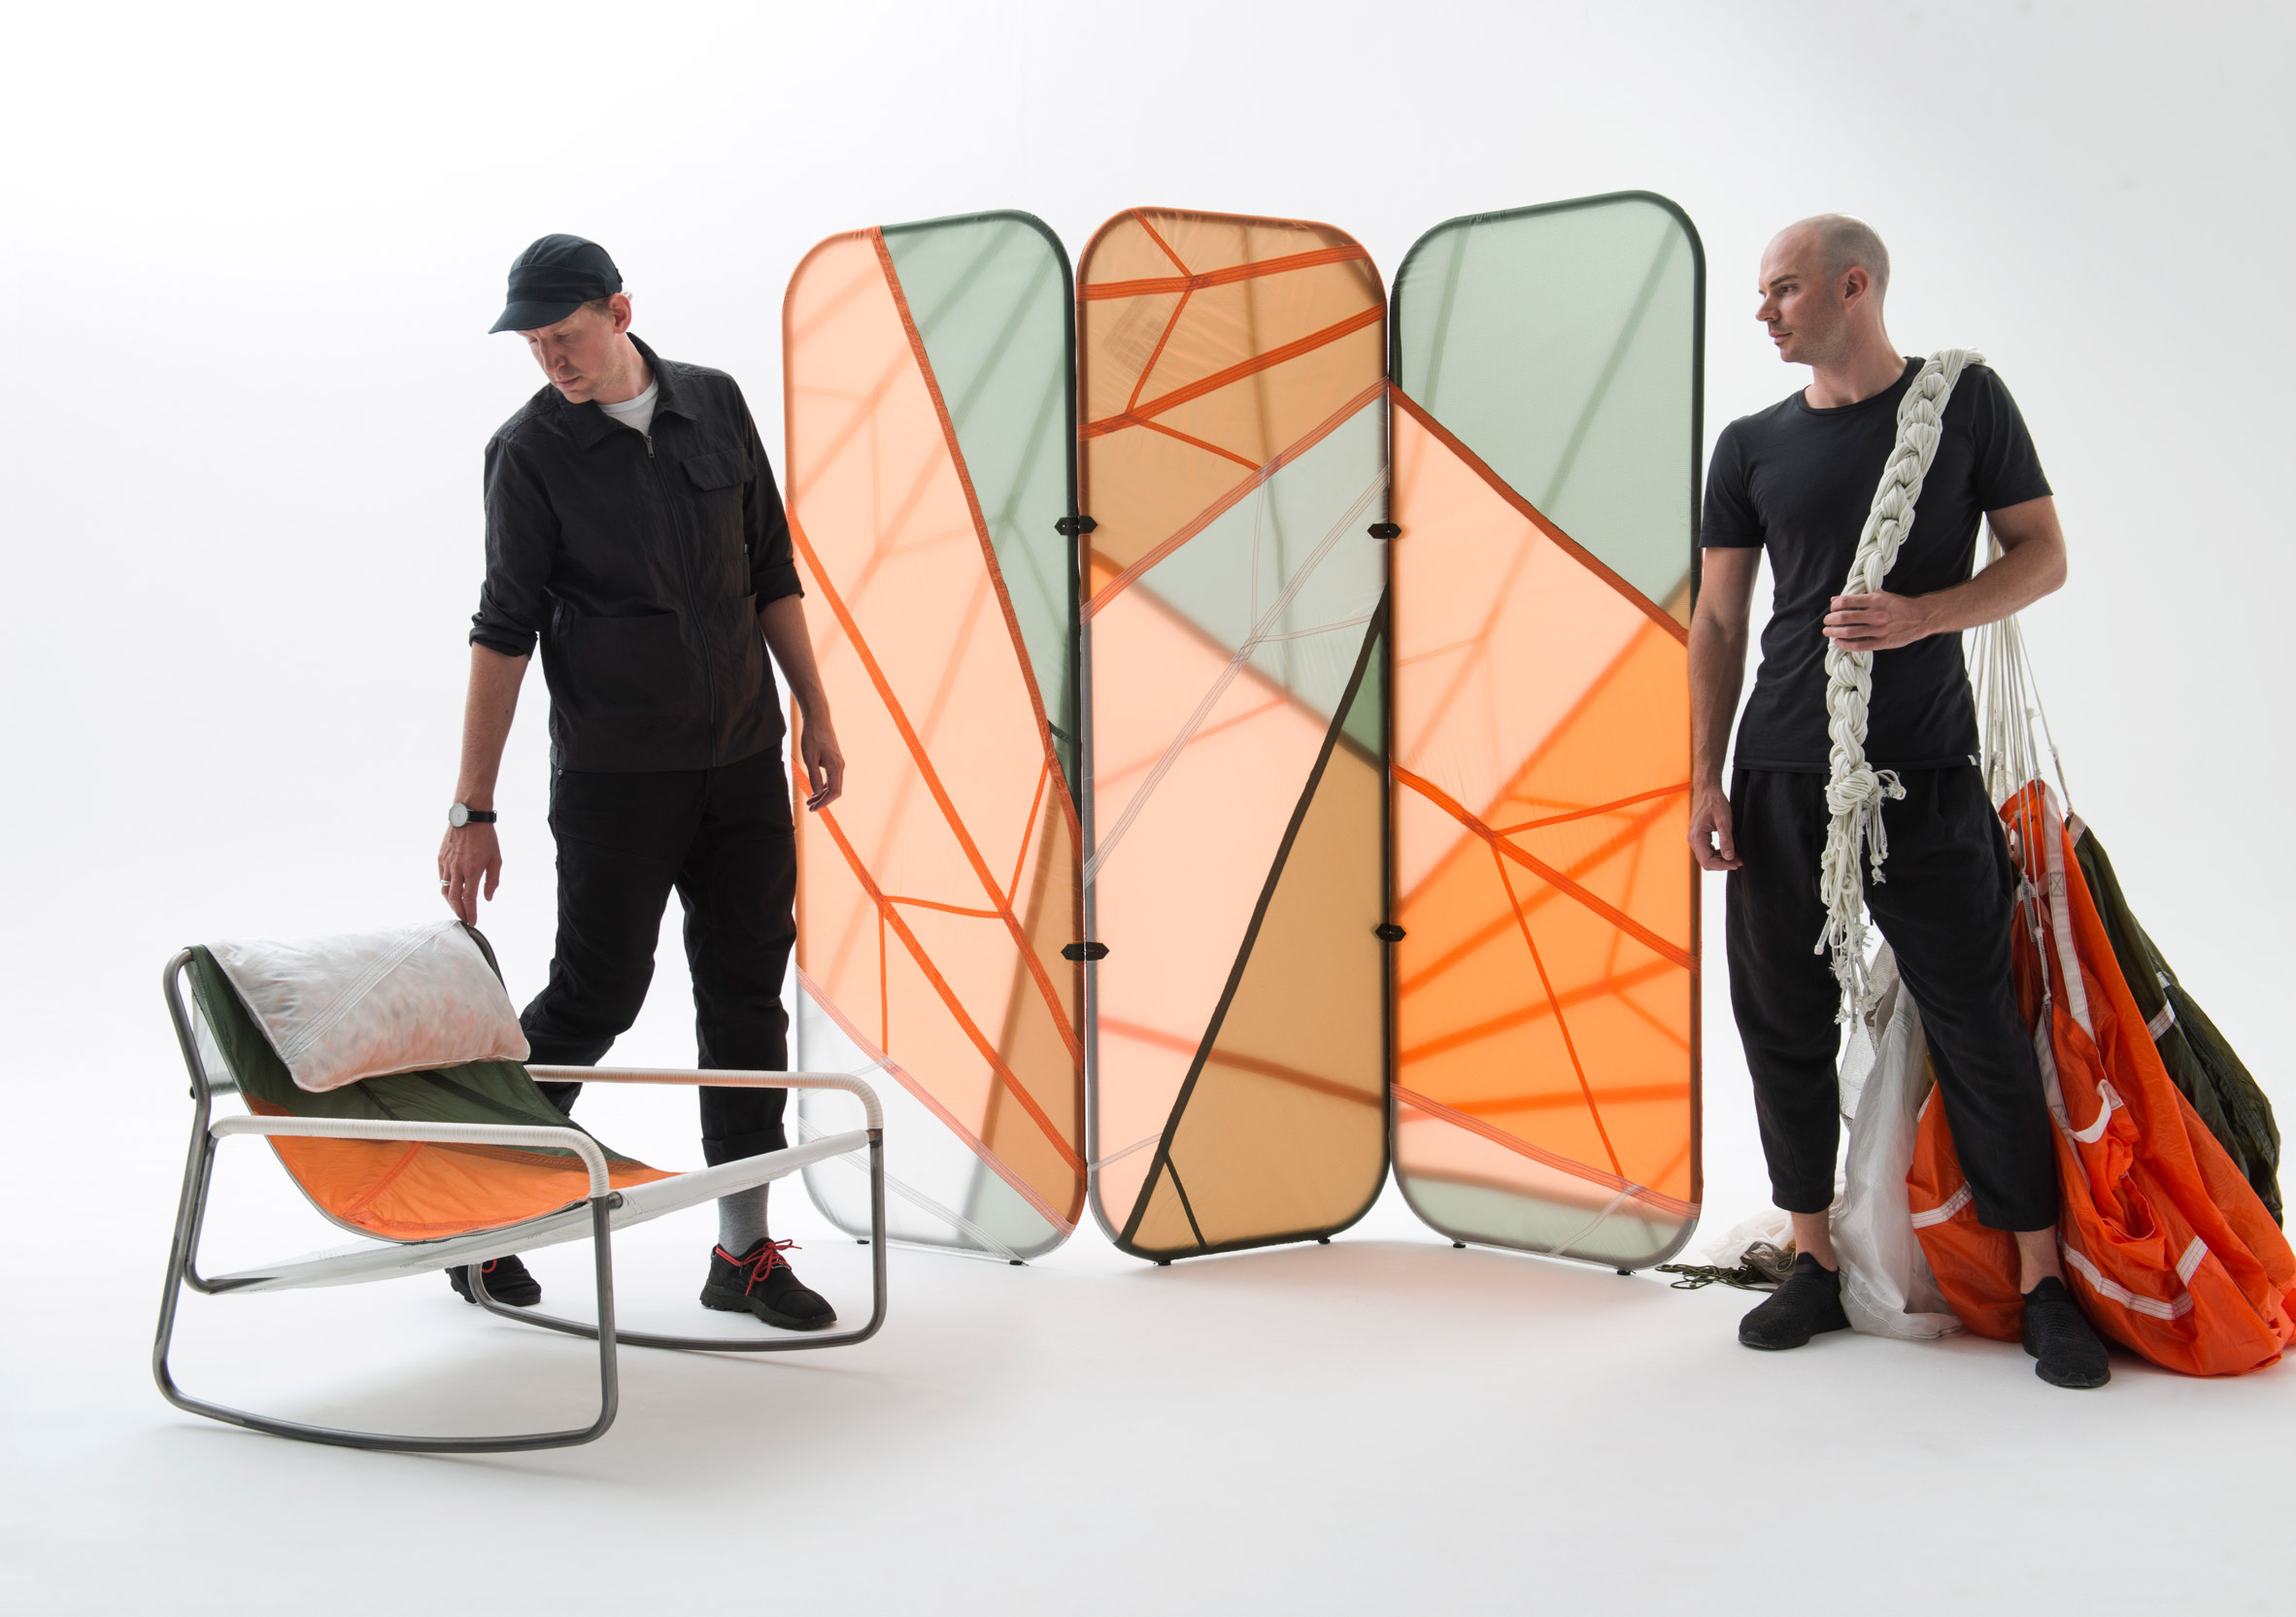 Mobilier Parachute imaginé par Layer Design pour Raeburn